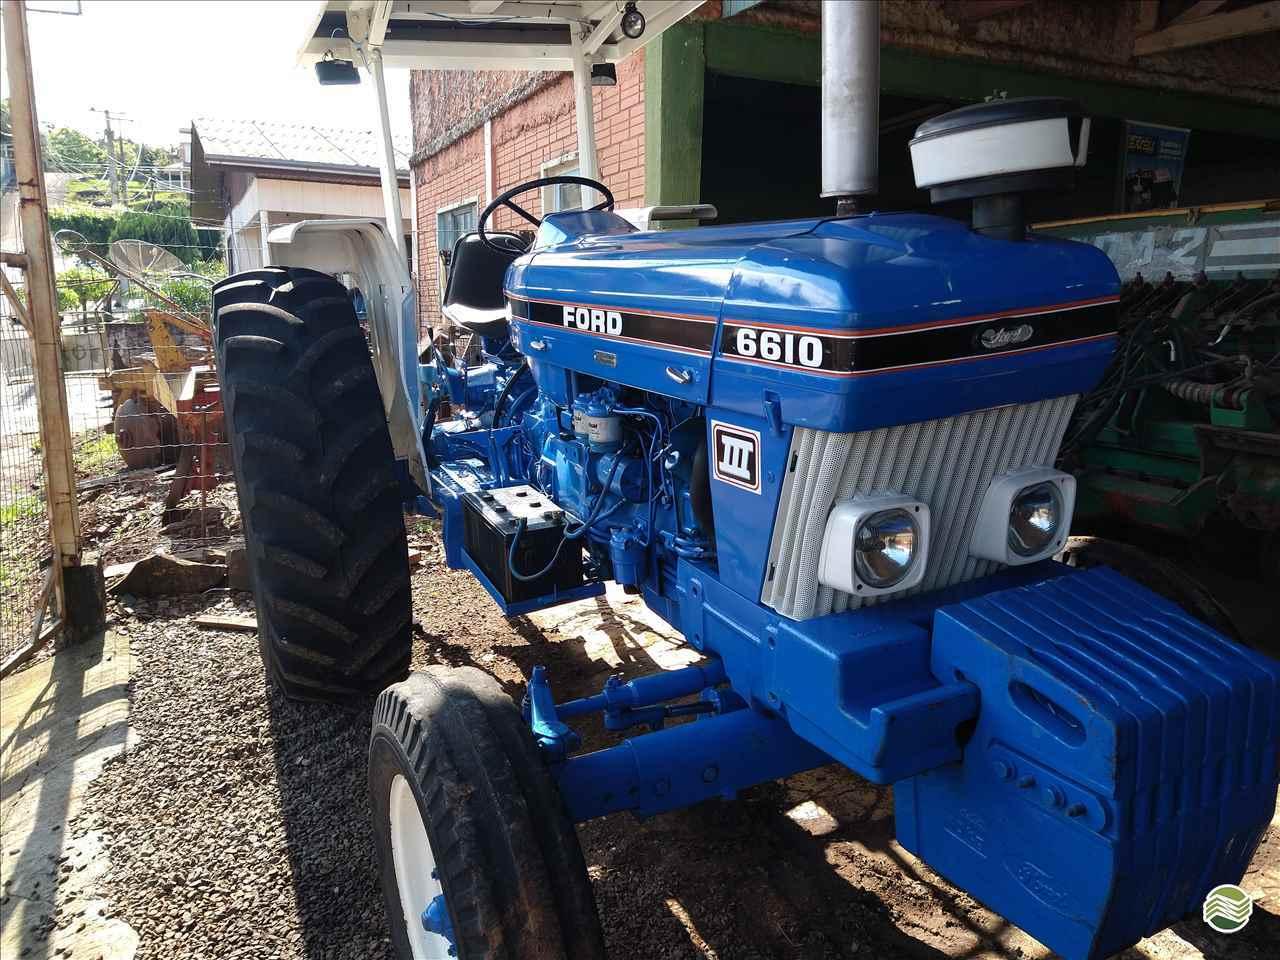 TRATOR FORD FORD 5610 Tração 4x2 P. M. Muller Maquinas e Implementos Agrícolas SALTO DO LONTRA PARANÁ PR